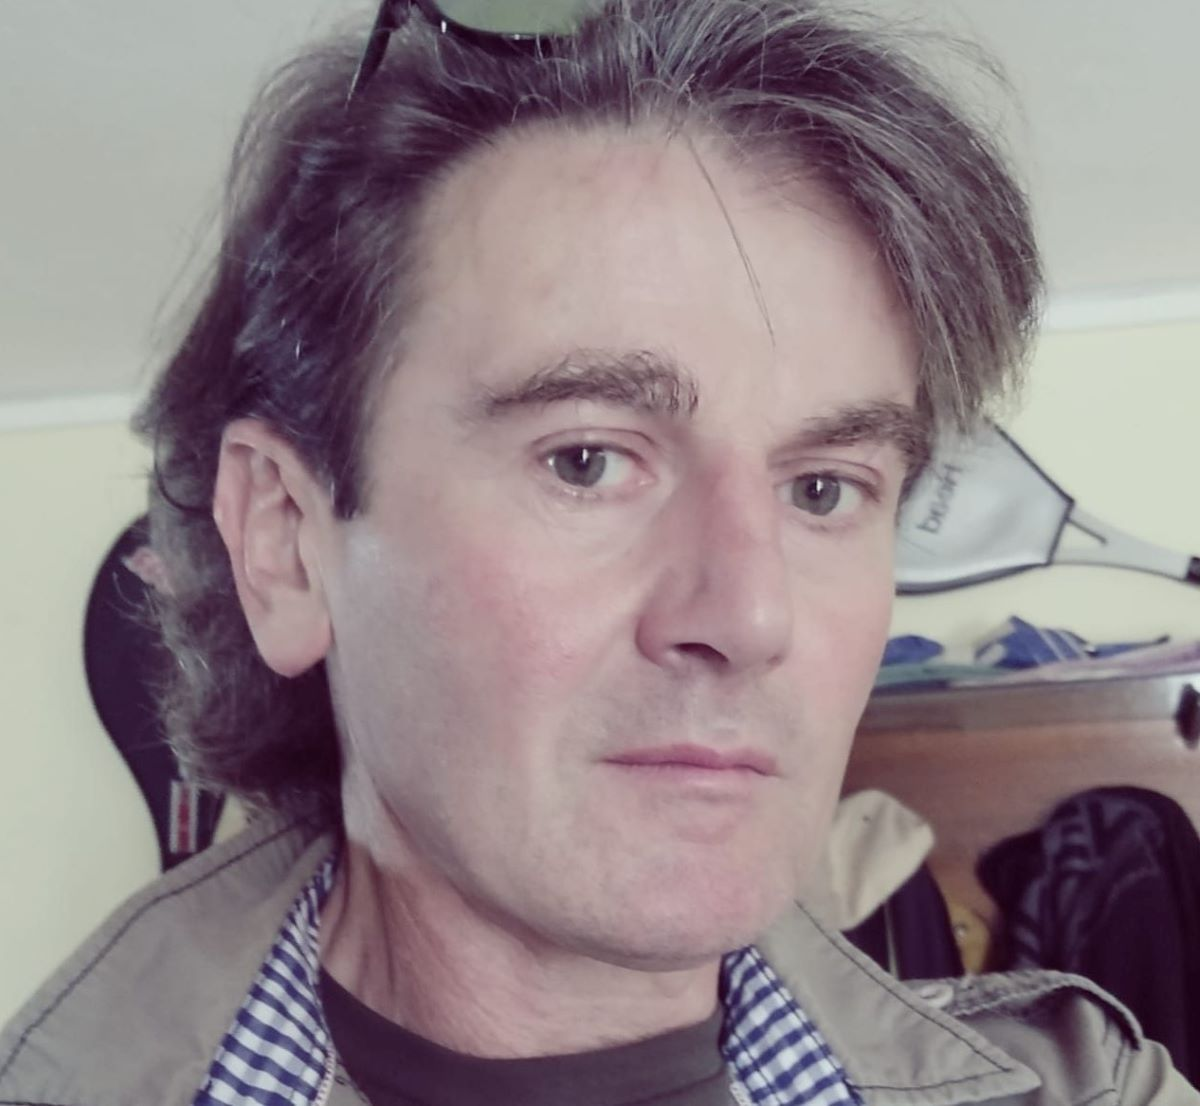 Franco Pavan Morto Lutto Giornalismo Oltre Un Mese Agonia Dopo Incidente